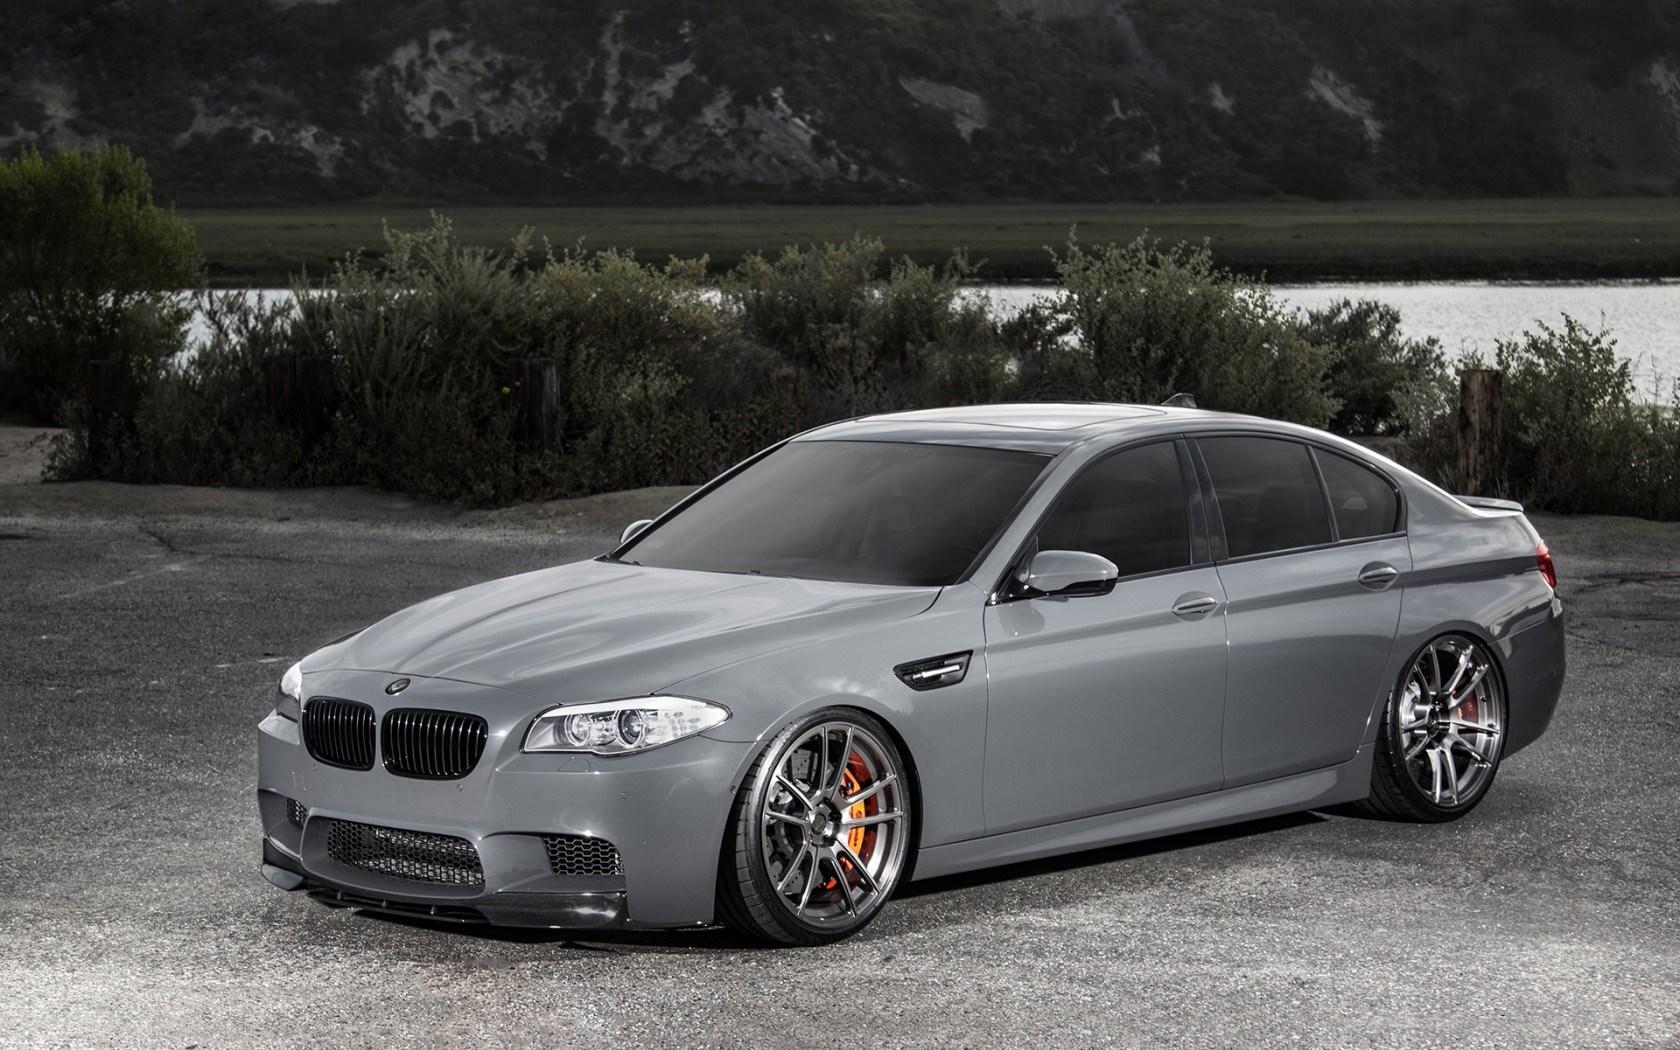 Bmw M5 2015 Black BMW F10 M5 Car Tuning HD wallpaper 1680x1050 1680x1050